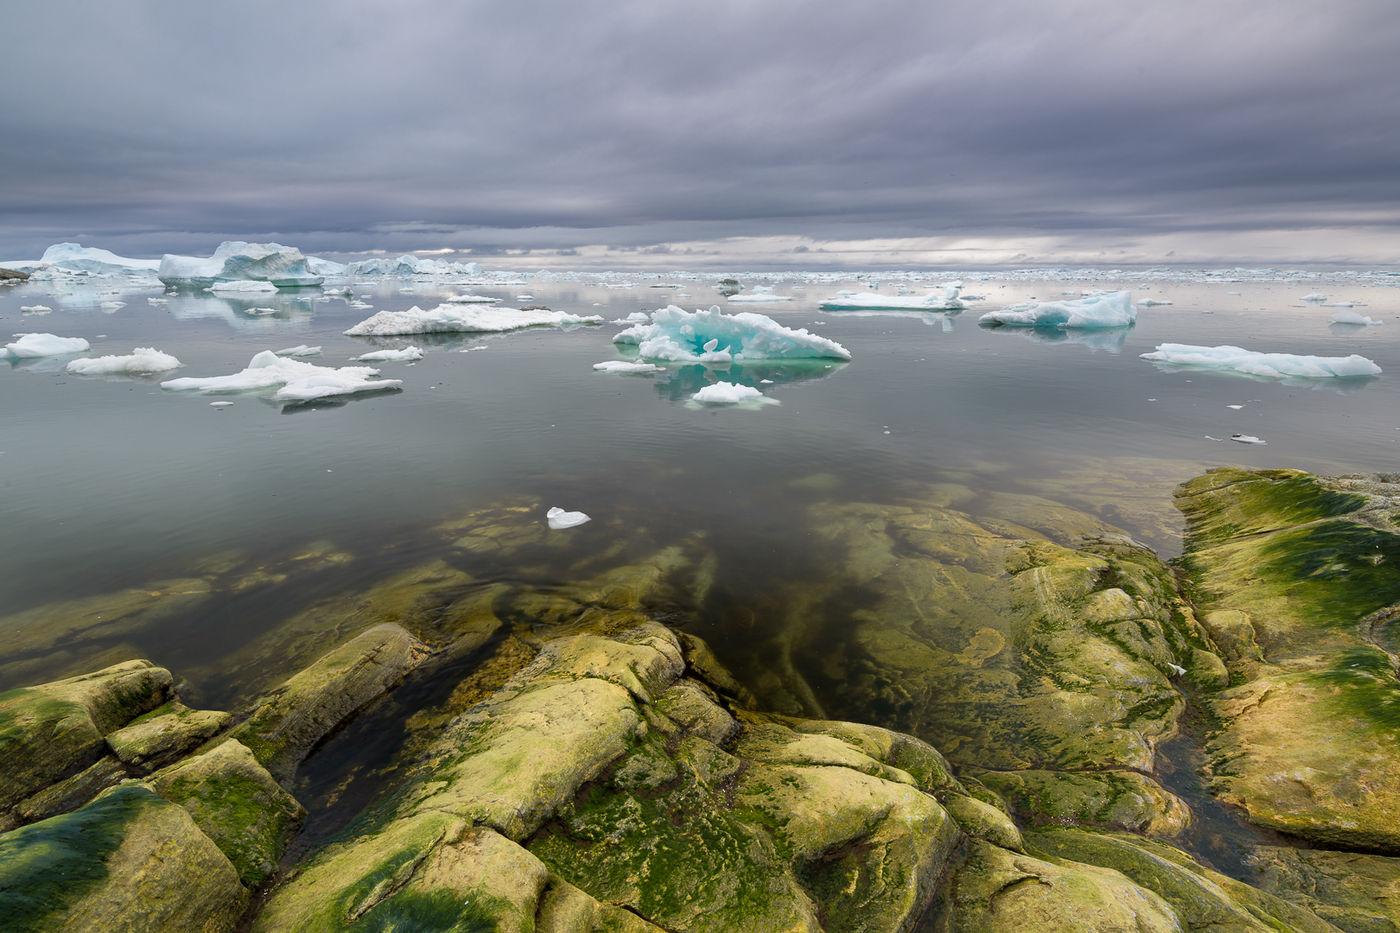 Donkere wolken zorgen voor extra contrasten tijdens het fotograferen van de kust. © Bart Heirweg